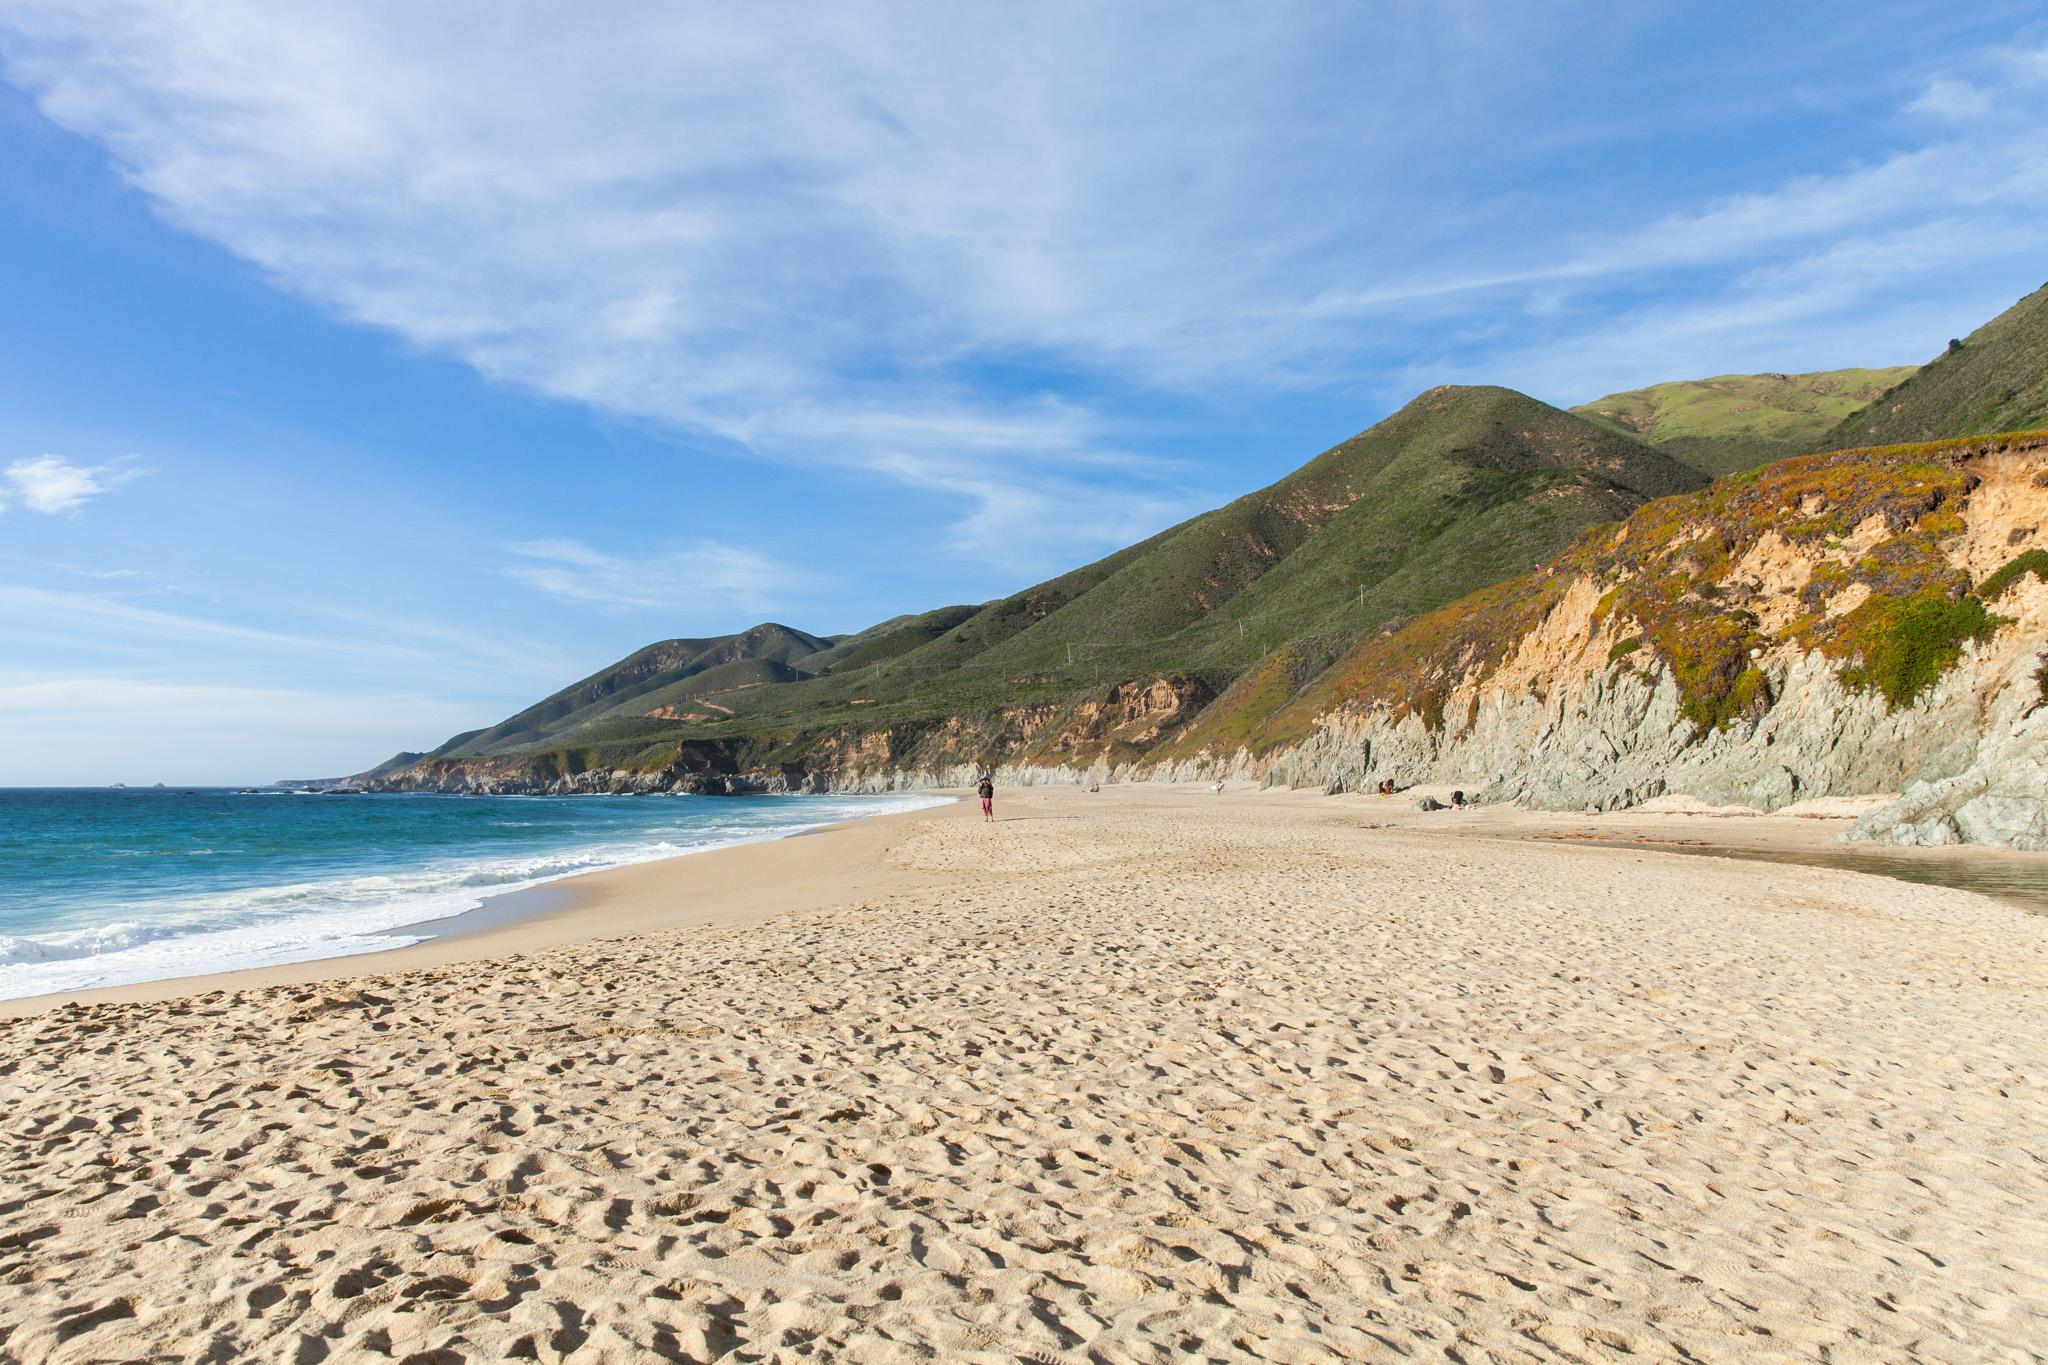 Garrapata Beach, by Virginia Mae Rollison